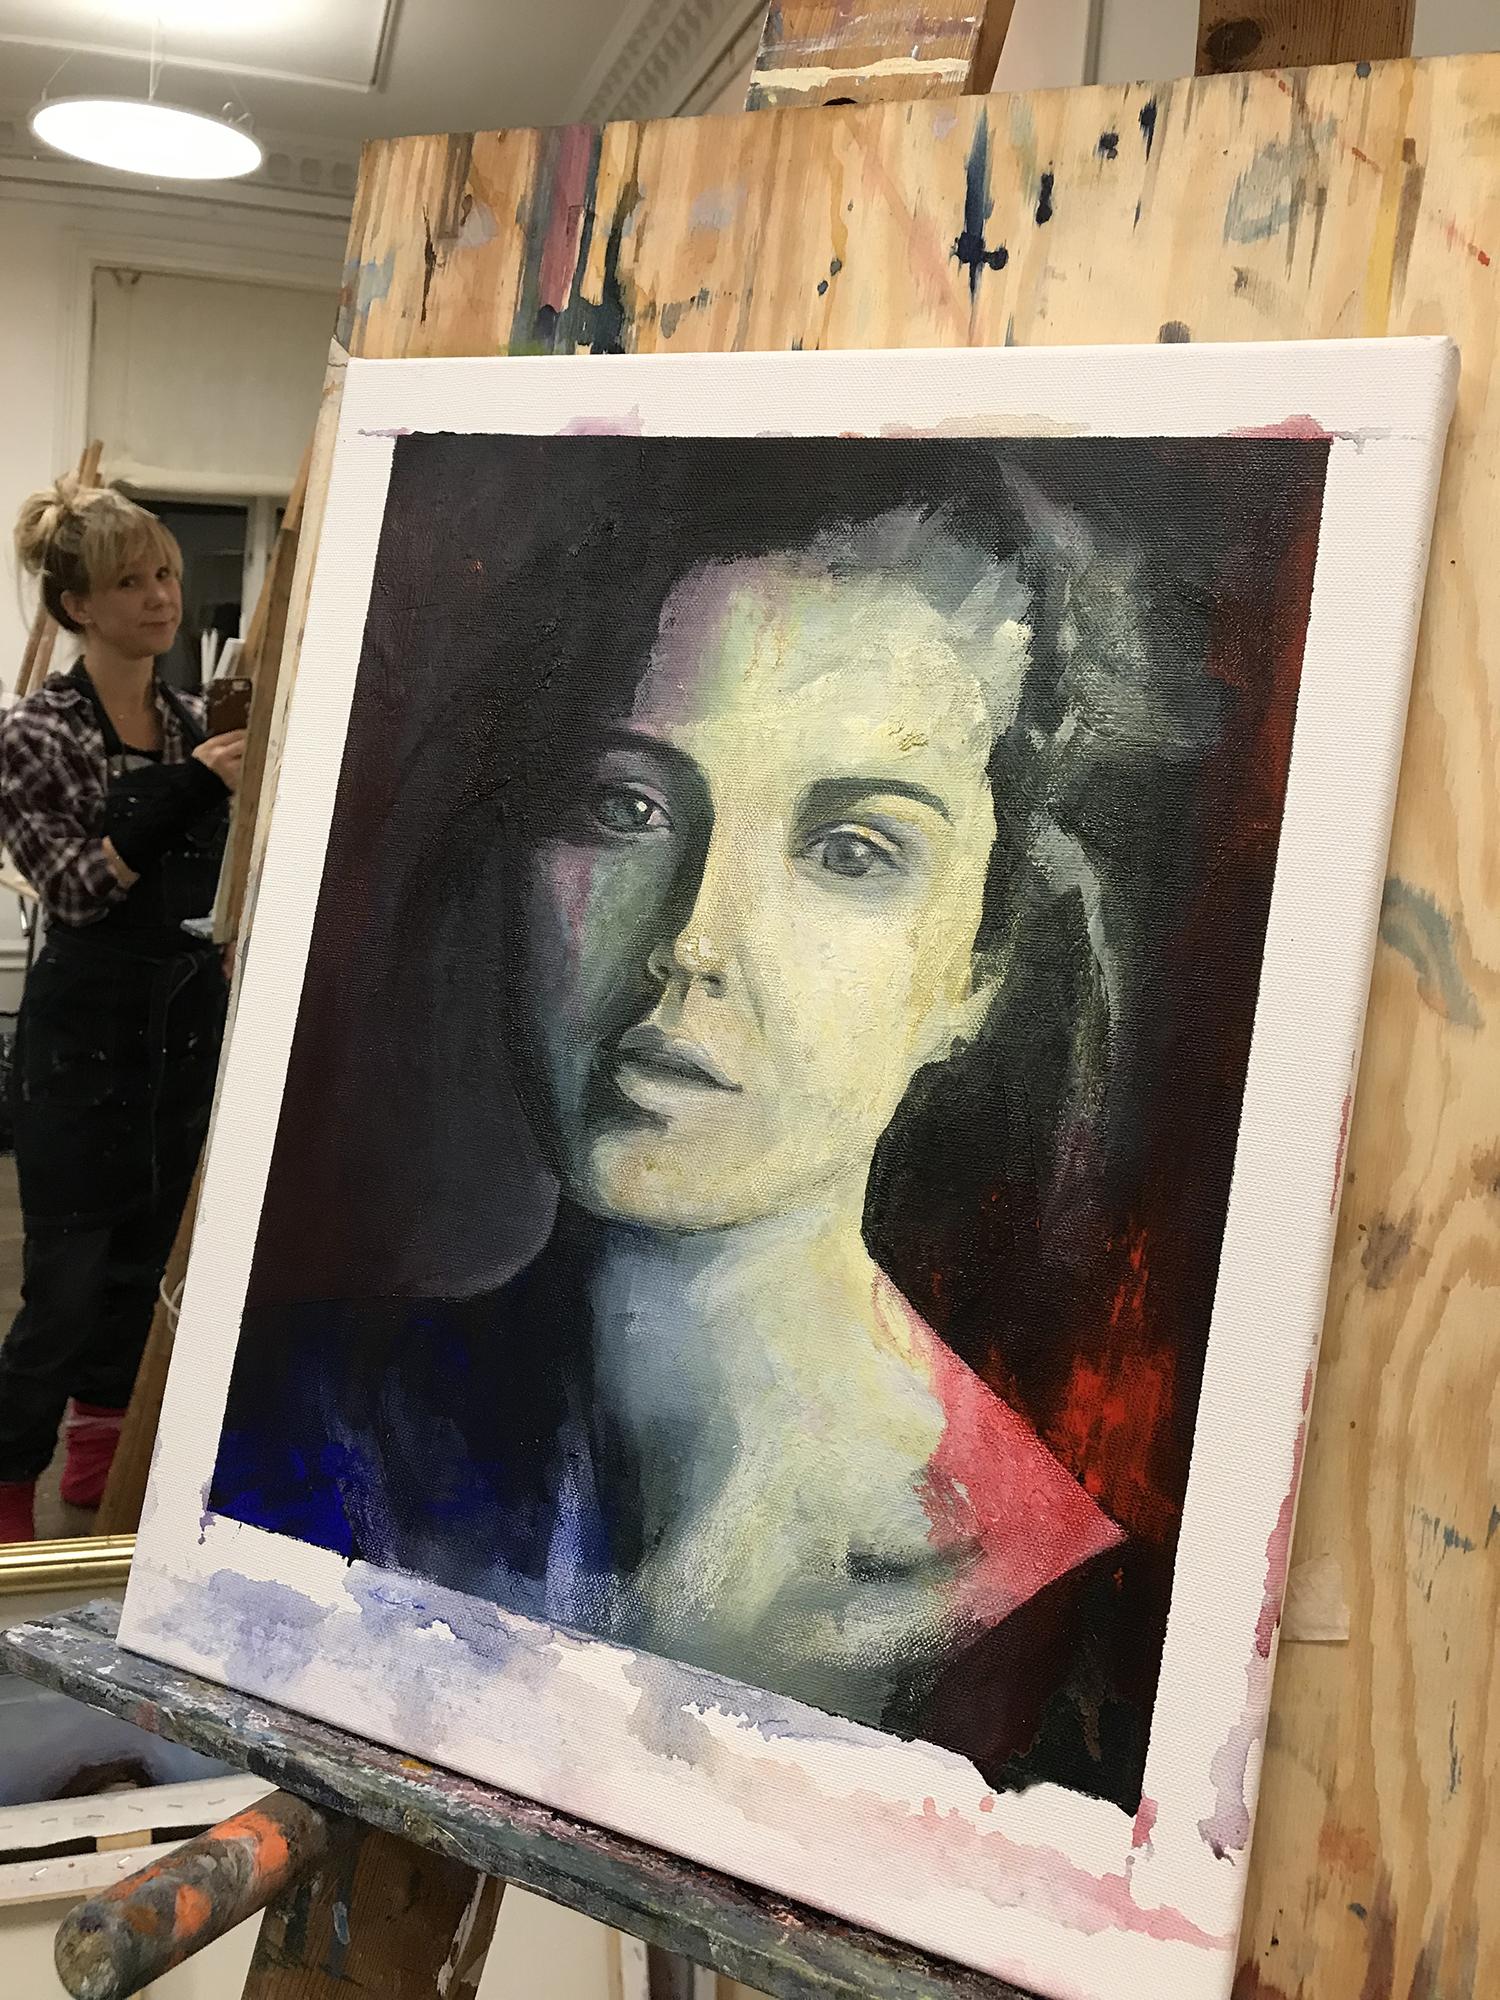 Porträtt med svartvit undermålning